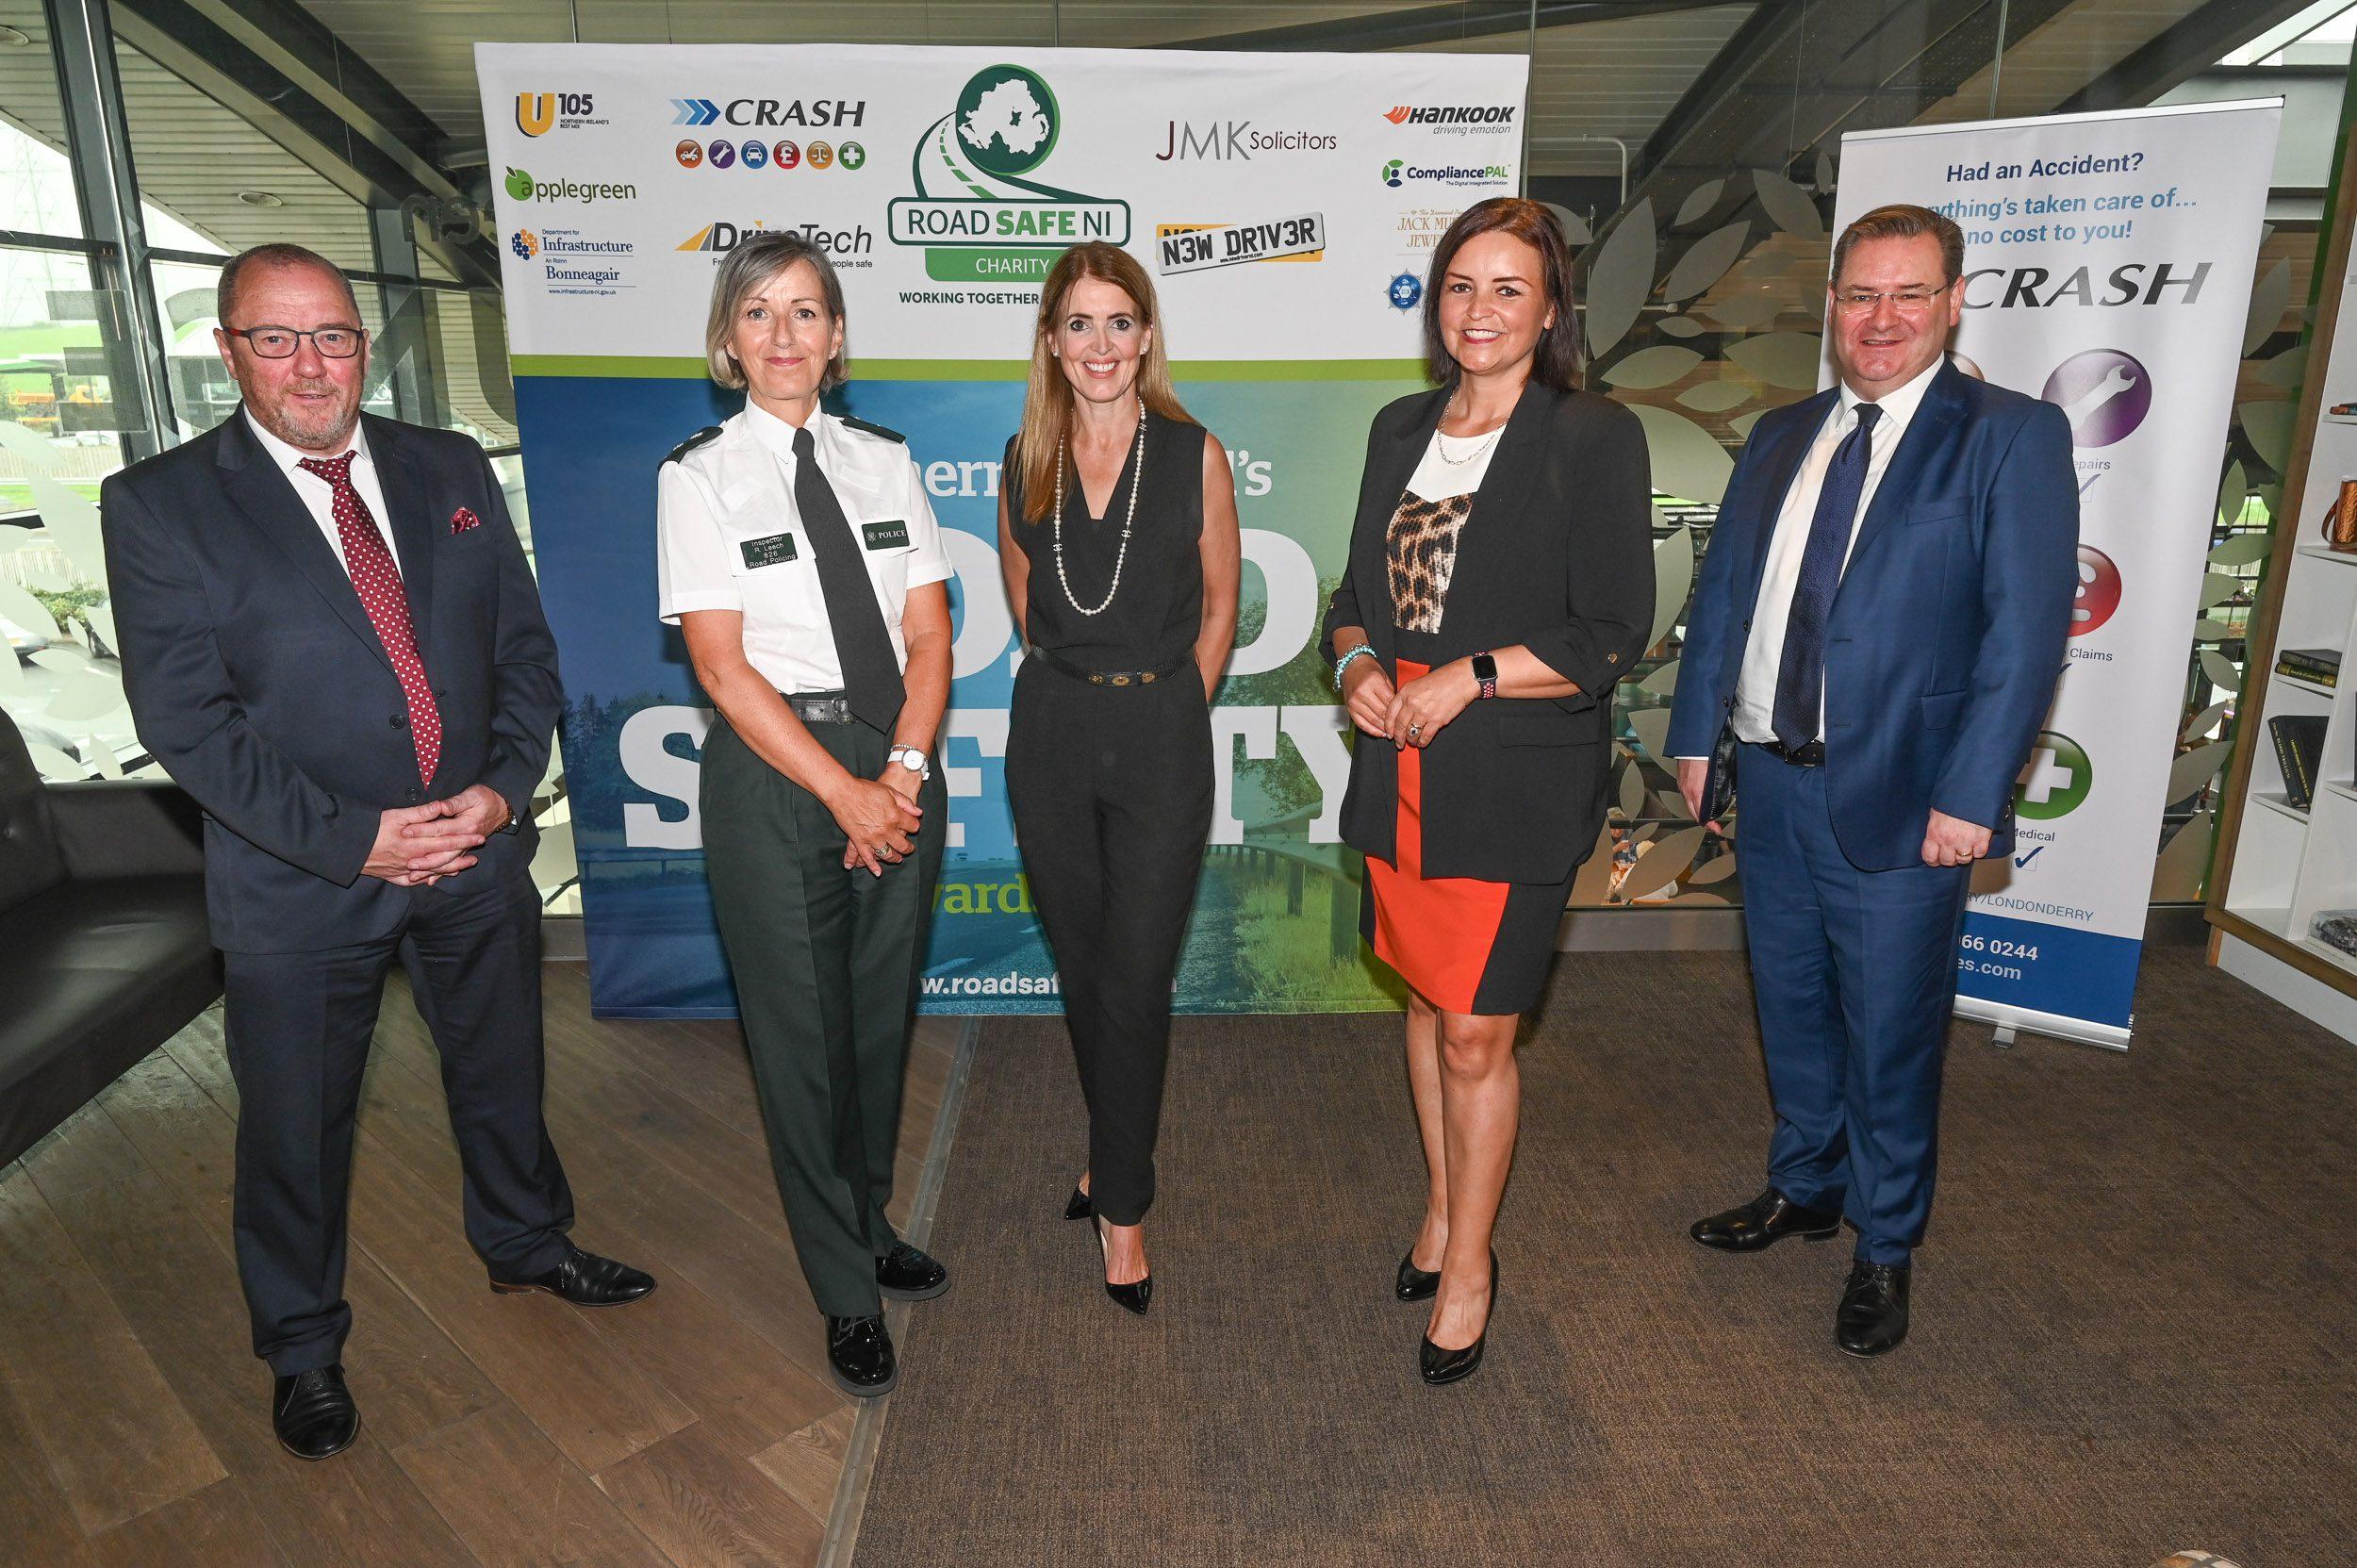 JMK sponsor Road Safety Awards 2021